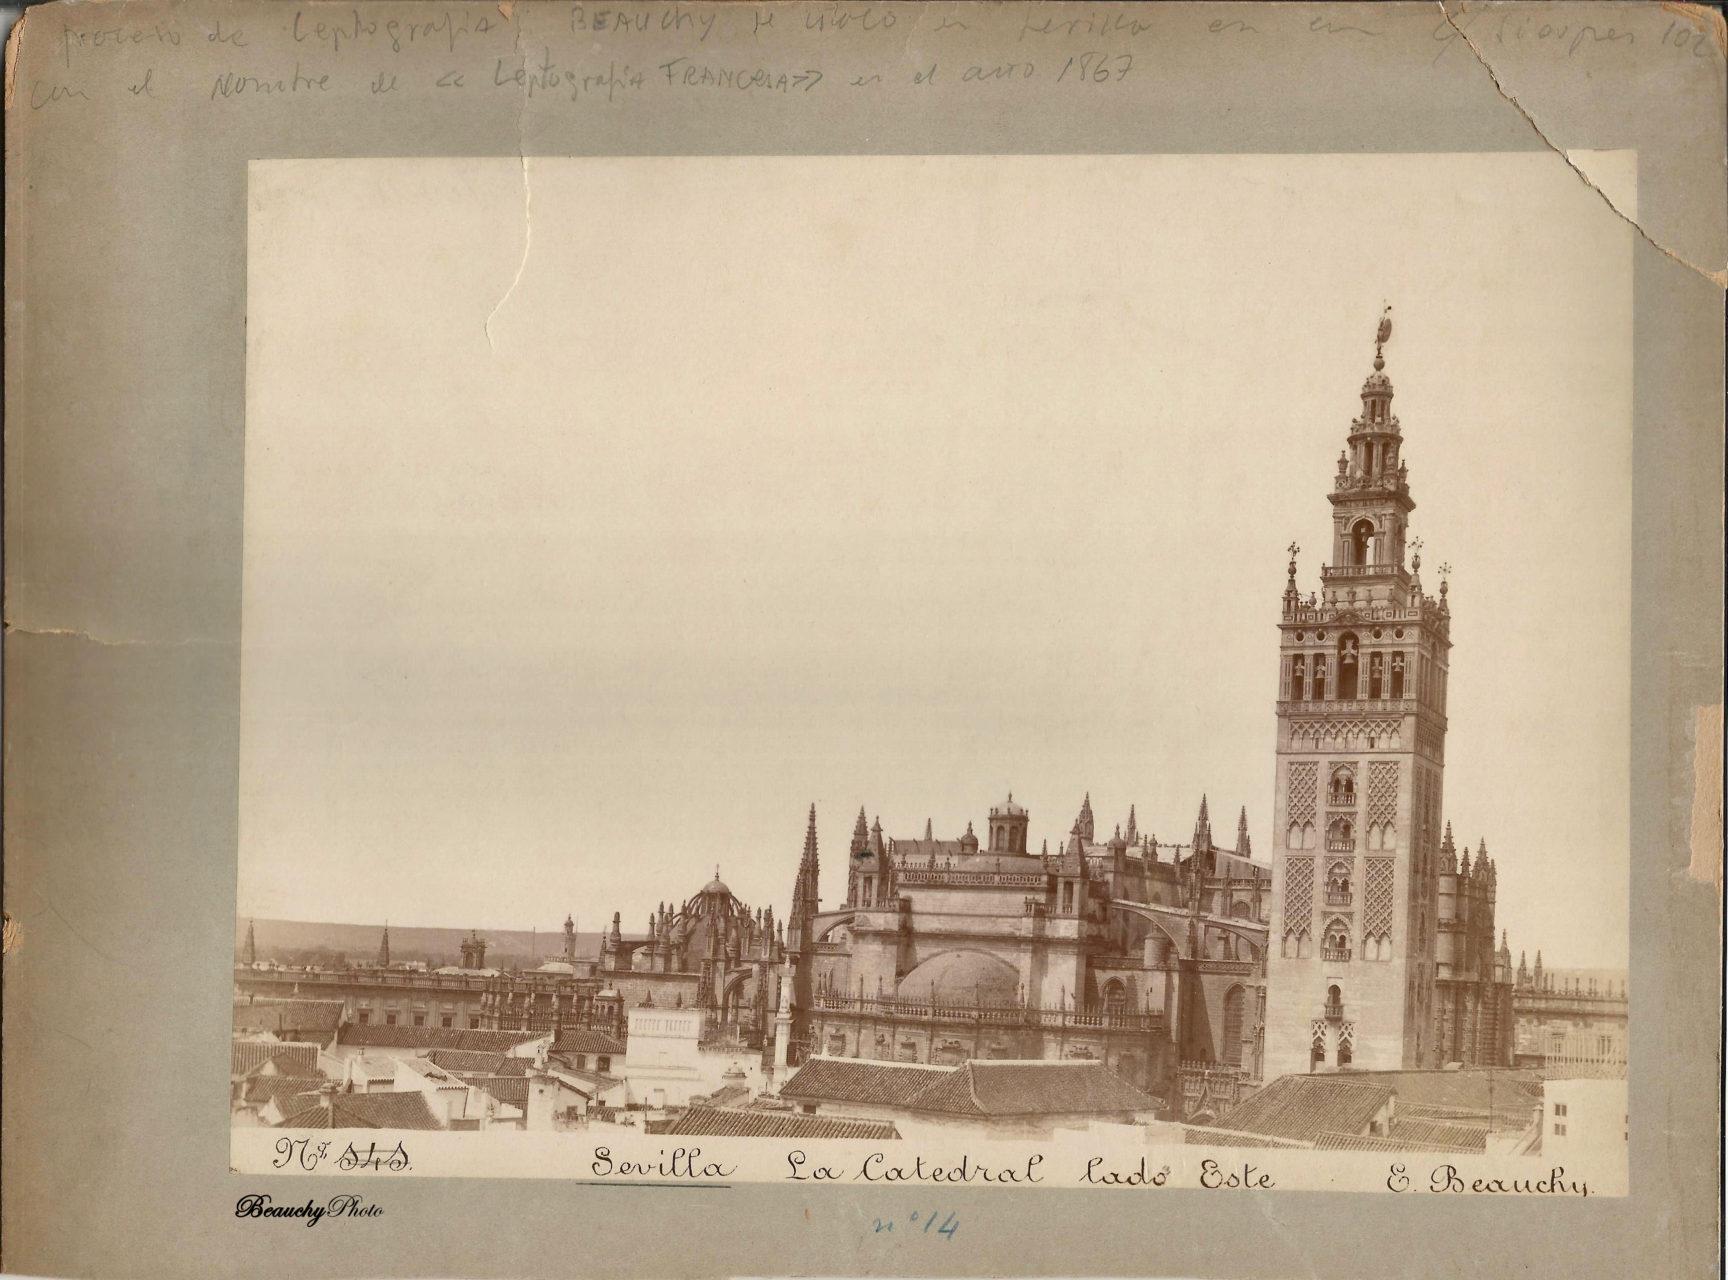 Lado Este de la Catedral de Sevilla